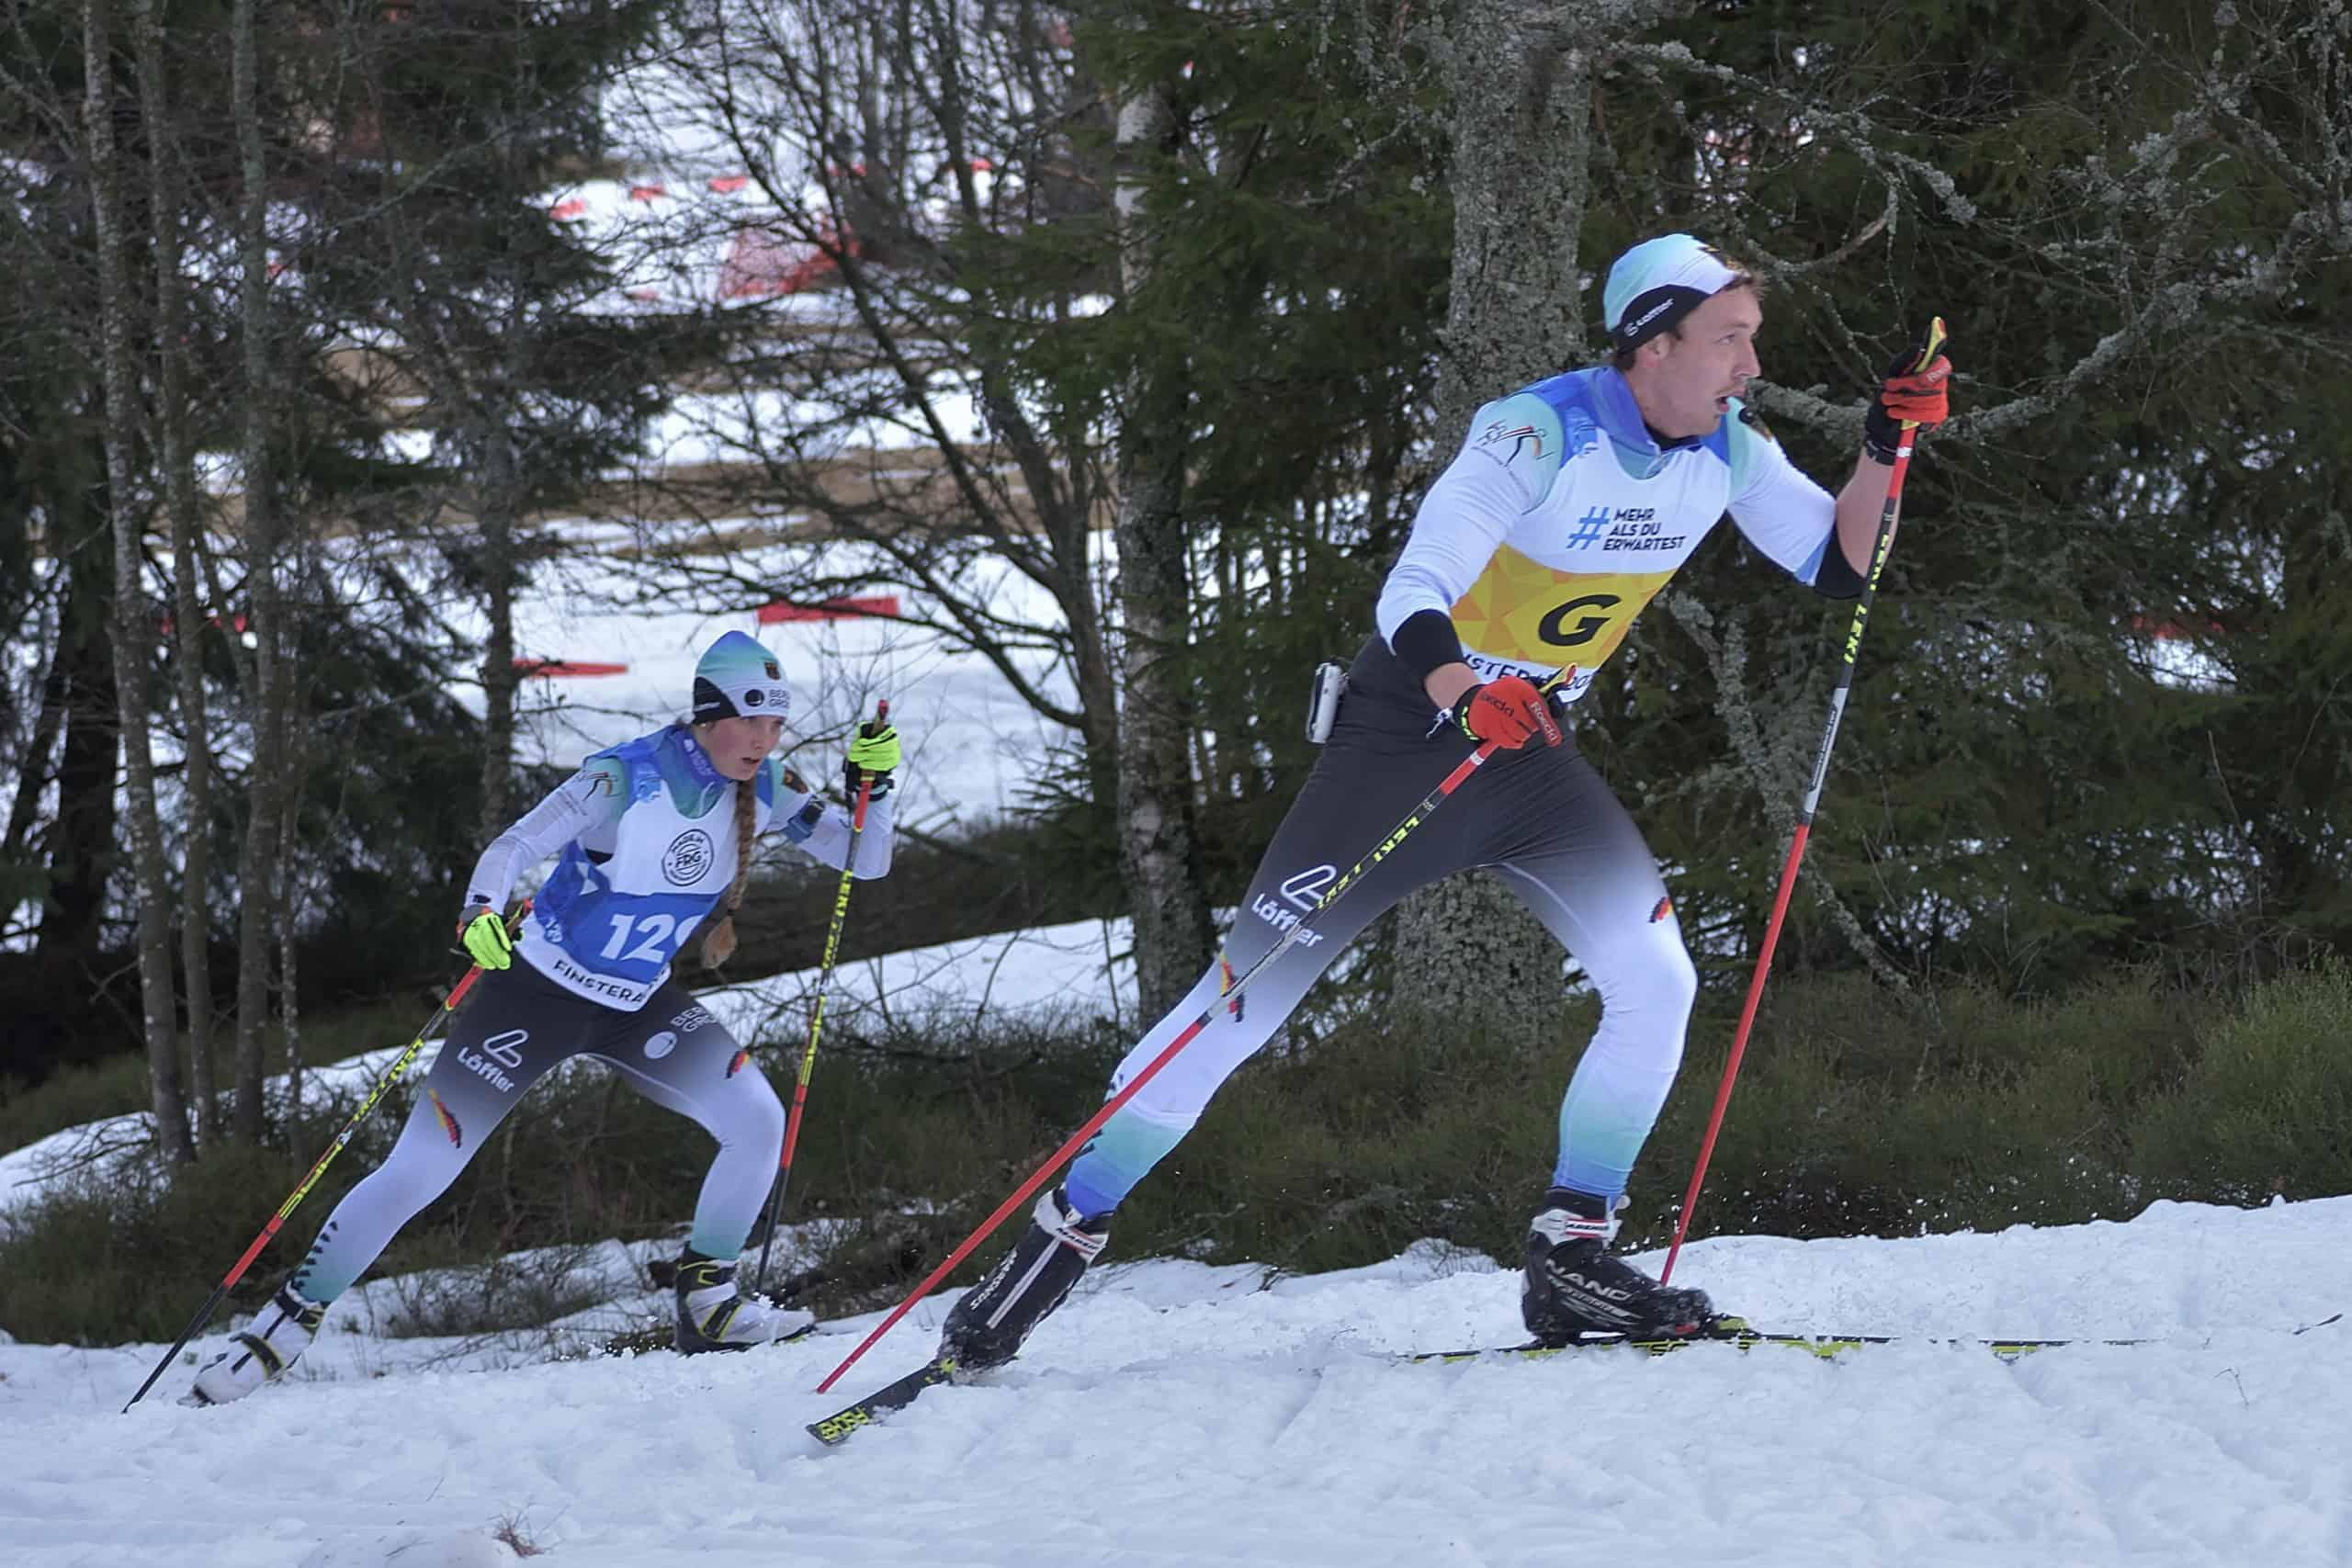 Johanna und ihr Begleitläufer bei einem Wettkampf. Beide kraxeln auf Skiern einen Anstieg im Schnee hoch.